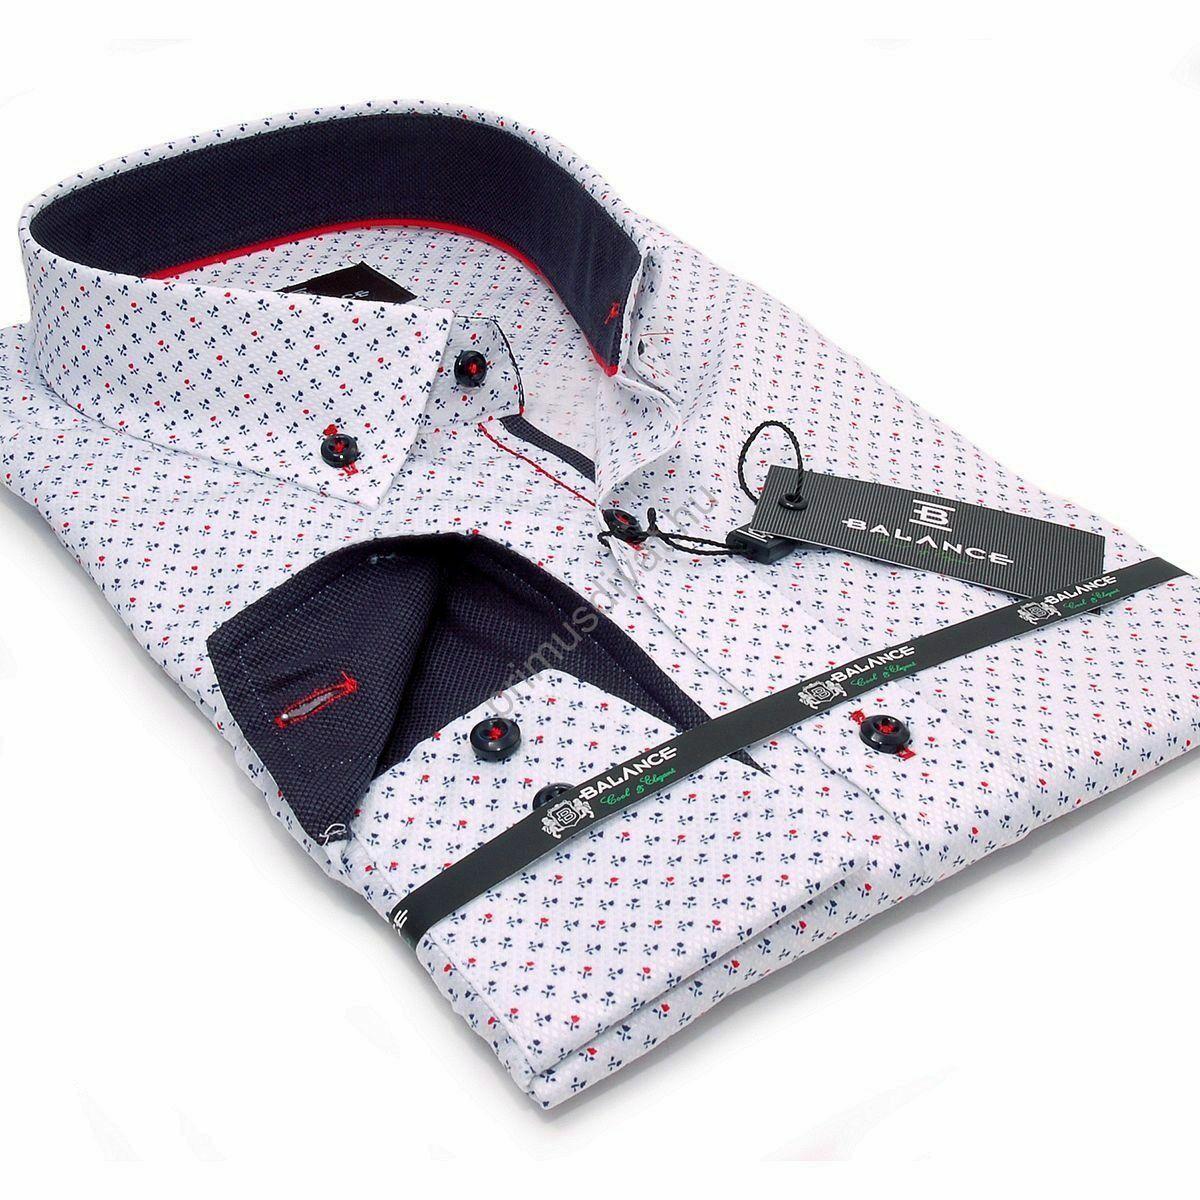 c08c488641 Kép 1/2 - Balance legombolt galléros hosszú ujjú slim fit ing, fehér alapon  apró kék-piros mintával